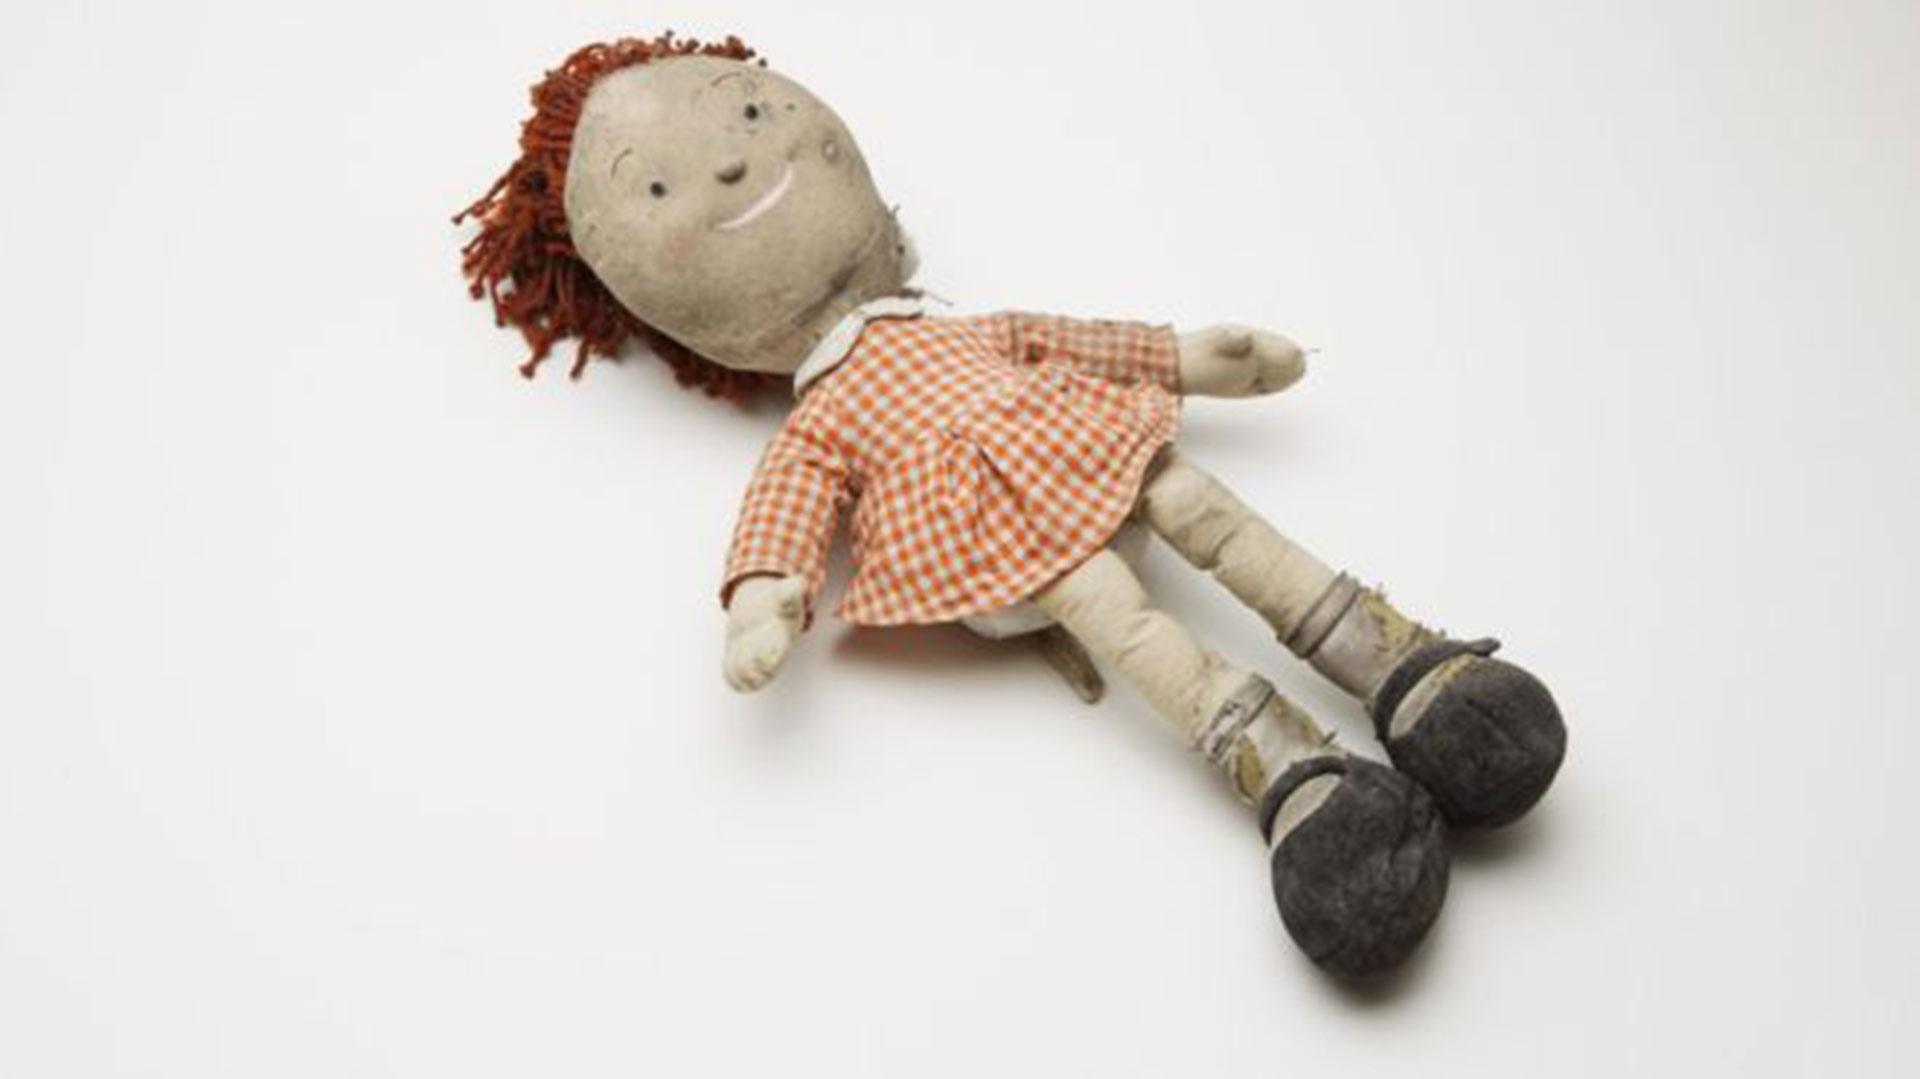 Esta muñeca fue hallada por un rescatista. Afortunadamente no pertenecía a una niña, sino que formaba parte del depósito de una organización de beneficencia ubicada en una de las torres